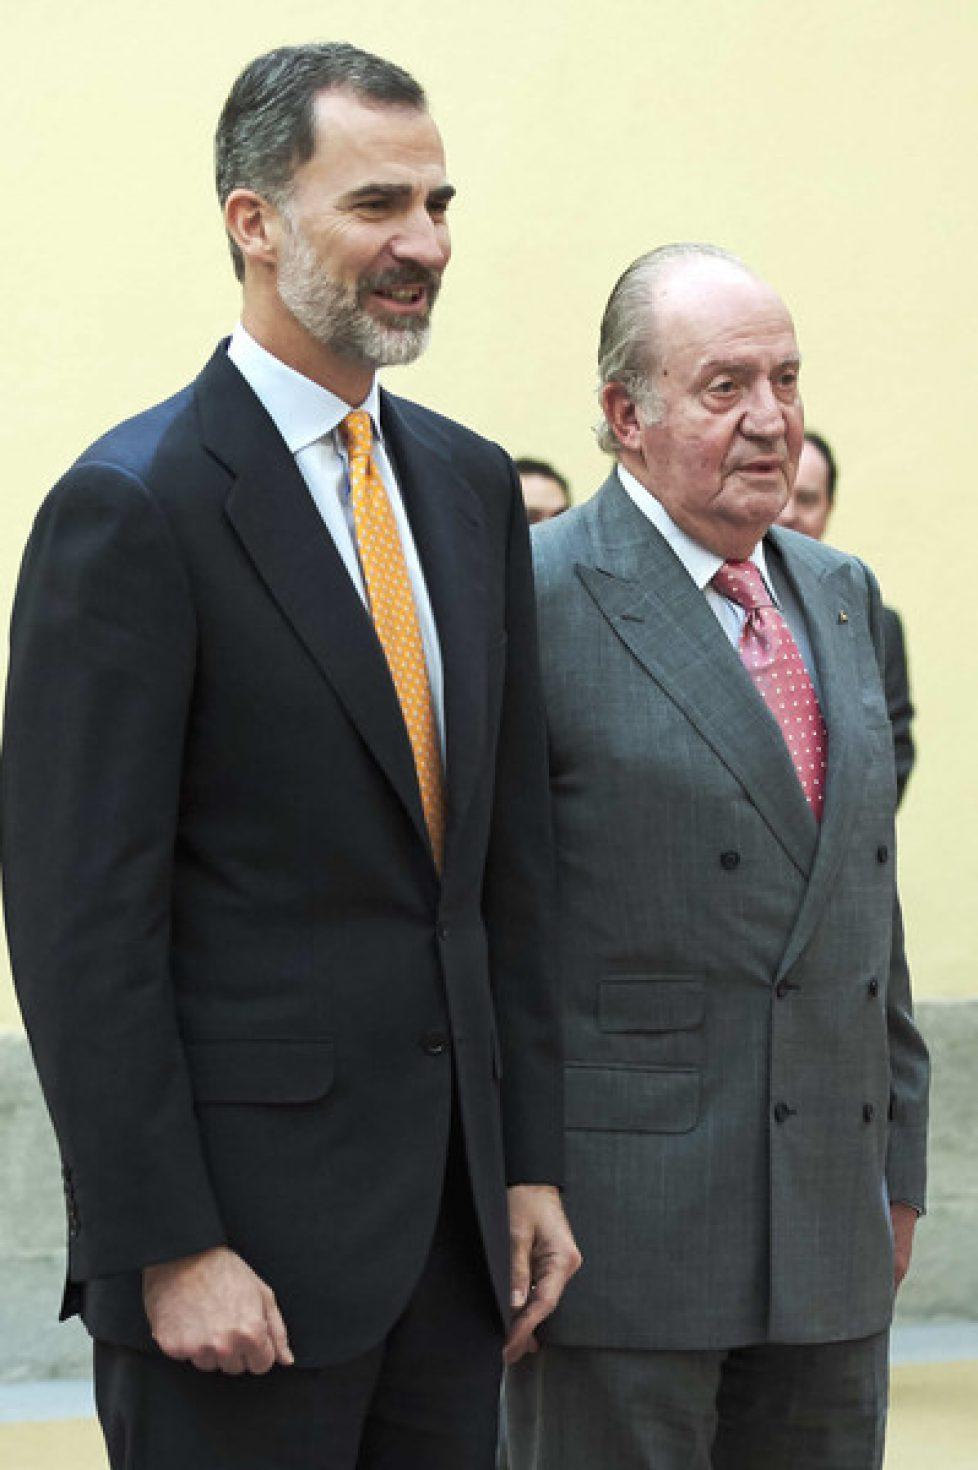 King+Felipe+Spain+King+Juan+Carlos+Attend+iwuCMUv8LpWl